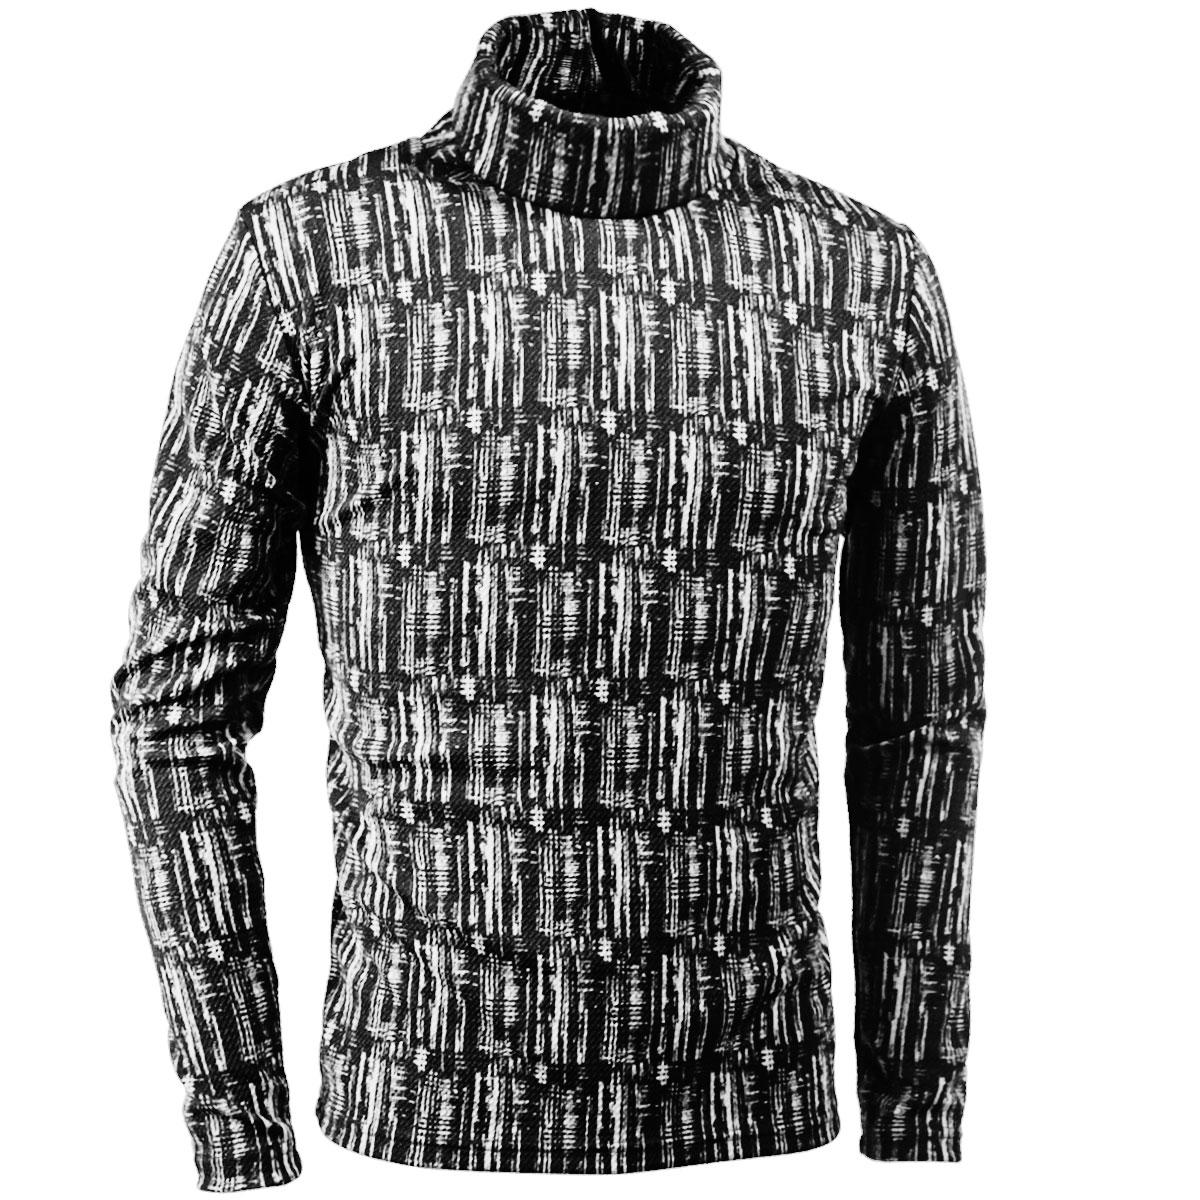 タートルネックシャツ ストライプ ムラ柄 メンズ 膨れジャガード 長袖 ストレッチ 日本製 mens(ホワイト白ブラック黒)